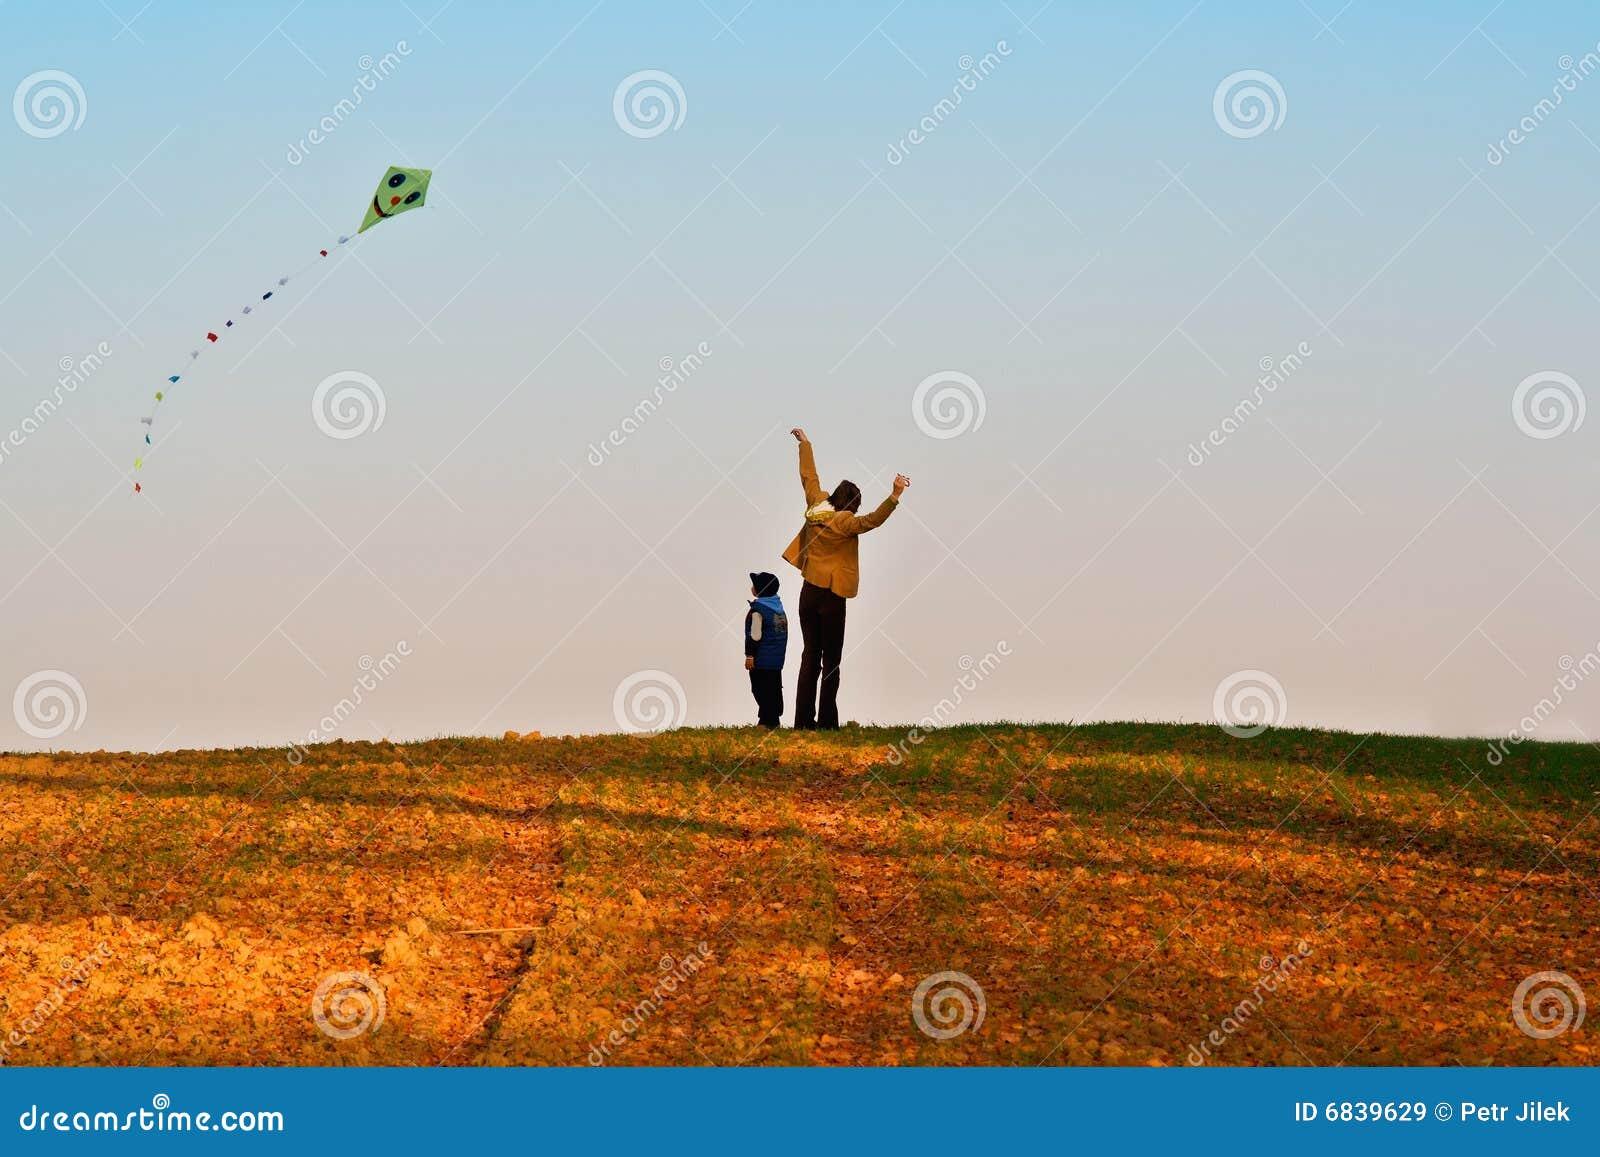 飞行风筝母亲儿子